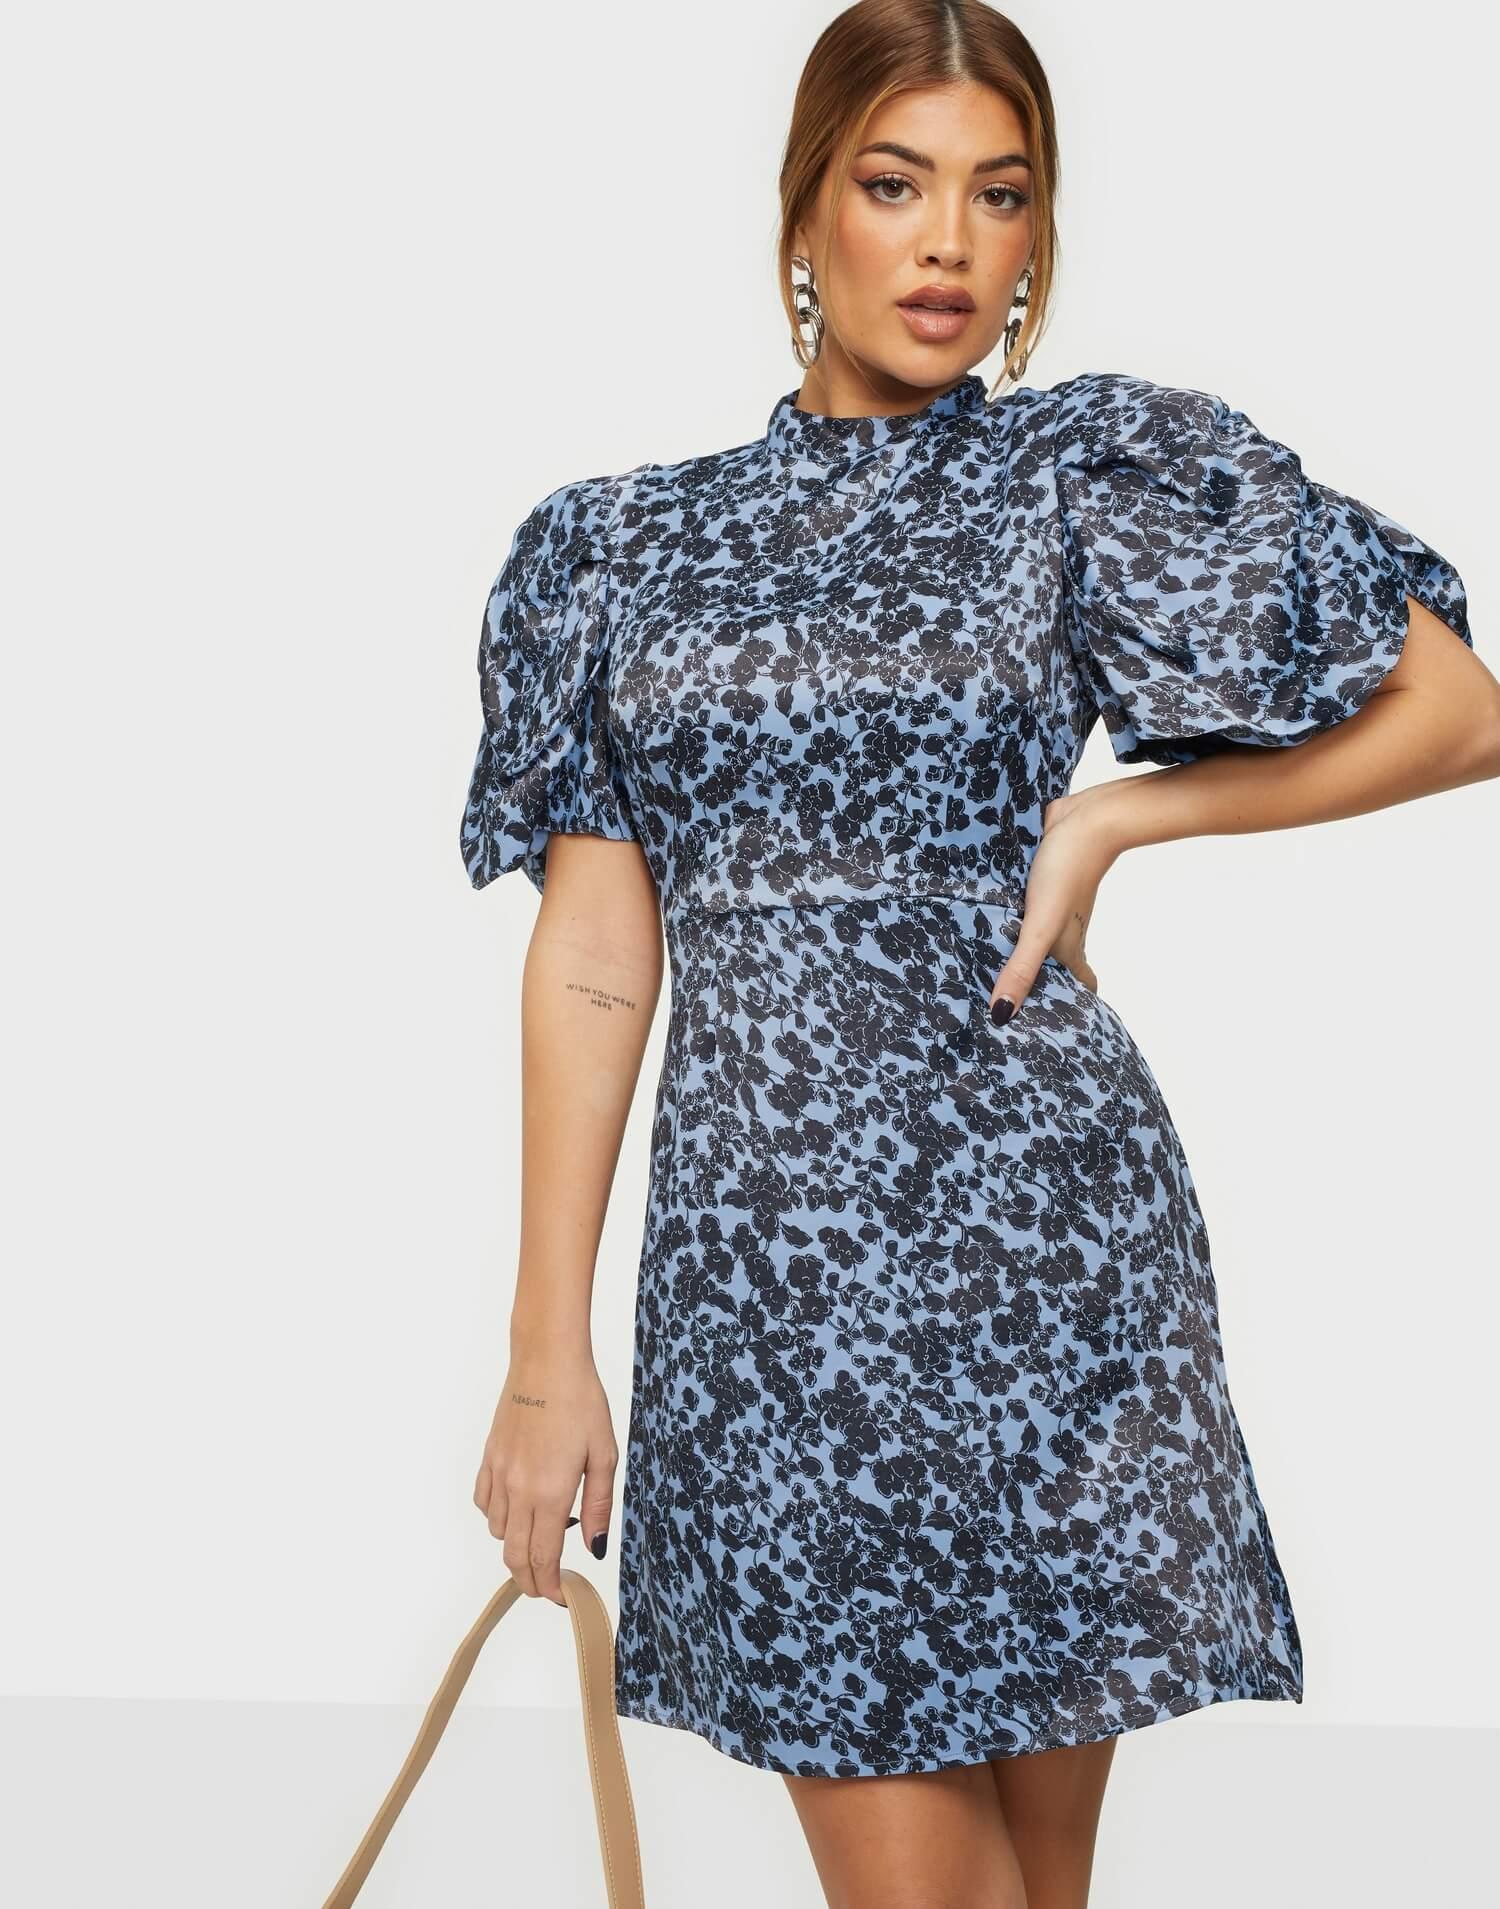 En blommig miniklänning från Vero Moda.